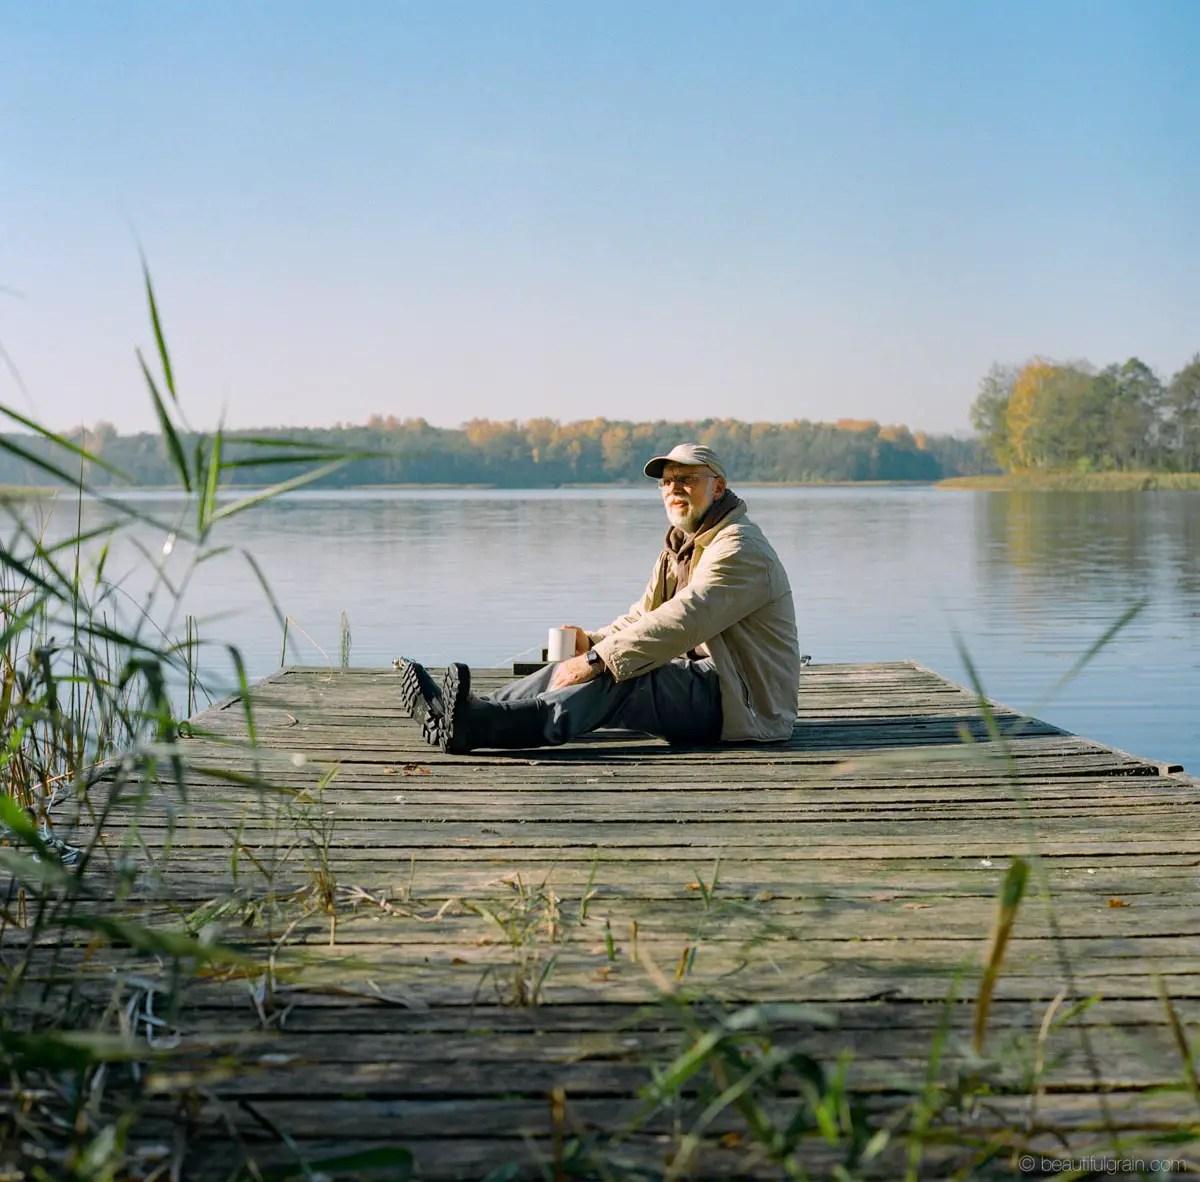 Aivaras Sidla - Rolleiflex 2.8GX, Kodak Portra 400